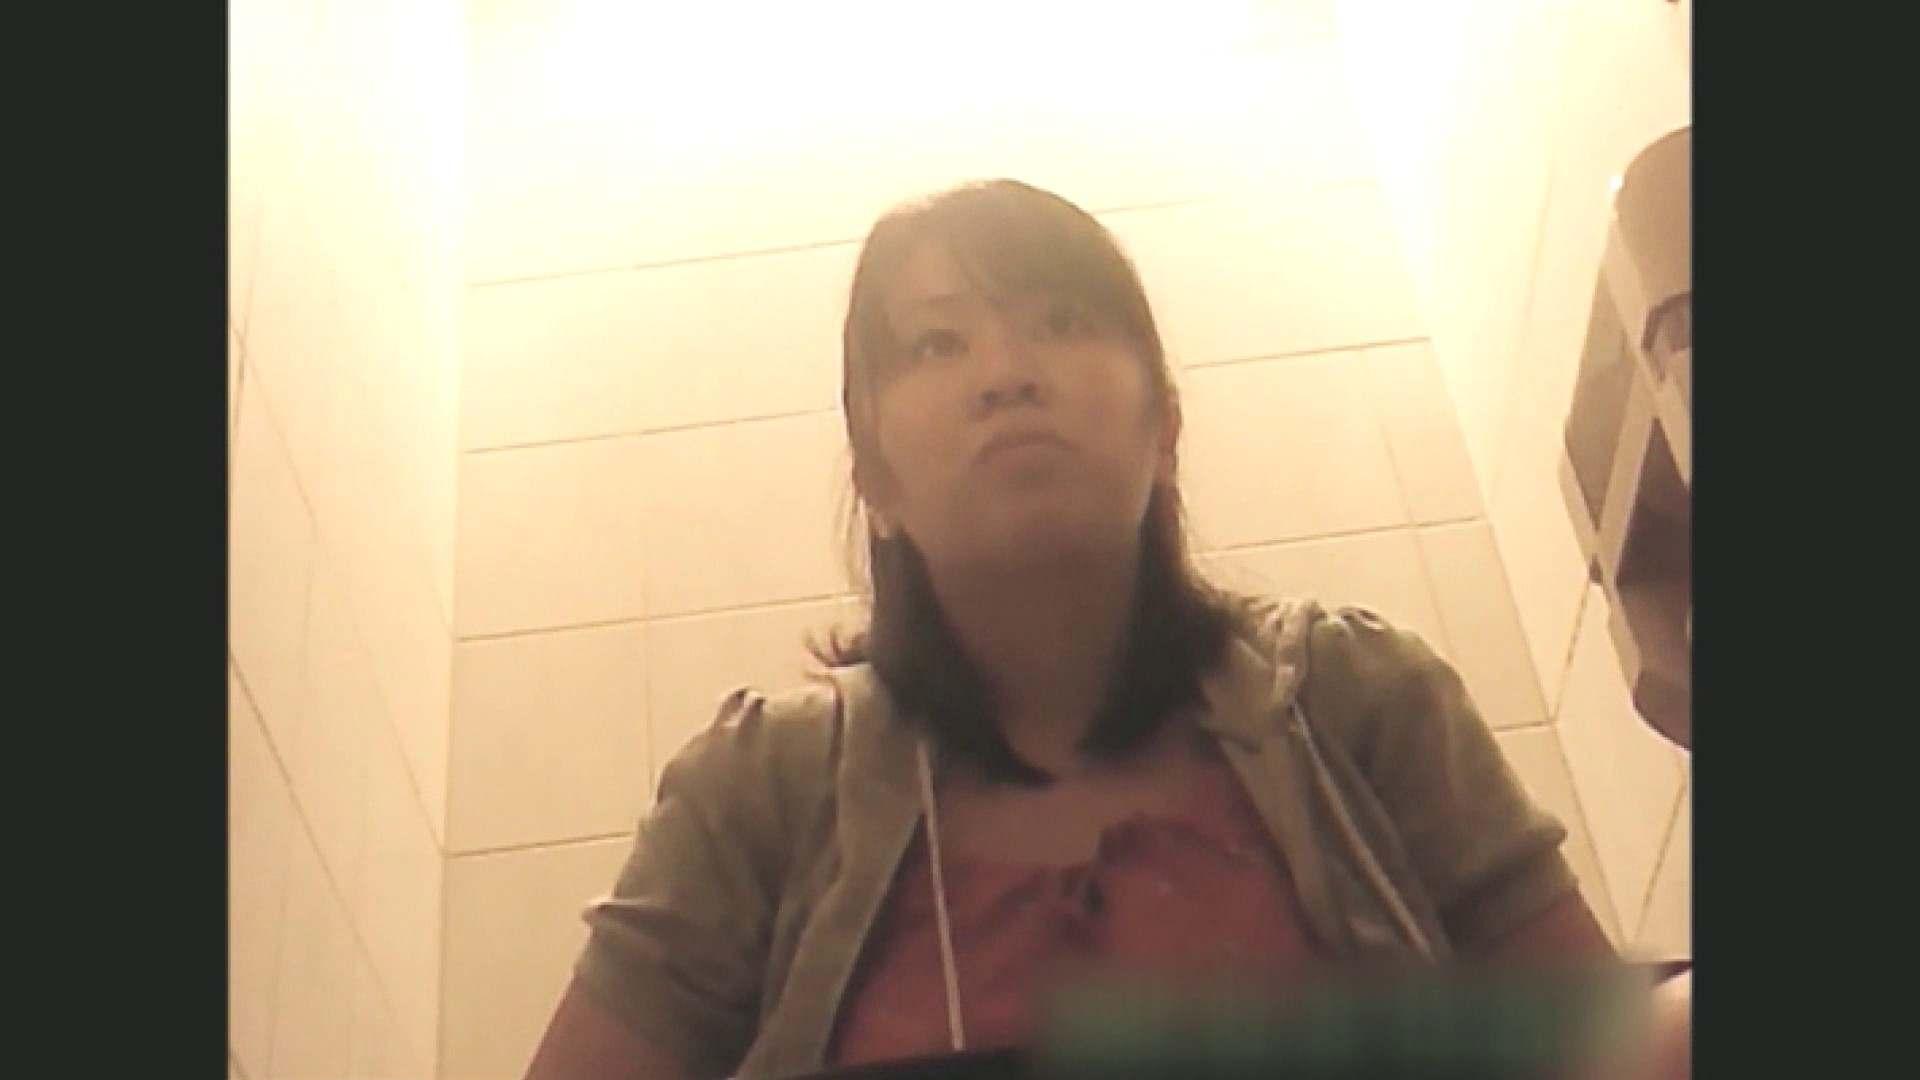 実録!!綺麗なお姉さんのトイレ事情・・・。vol.1 ナプキン 覗きワレメ動画紹介 72連発 34